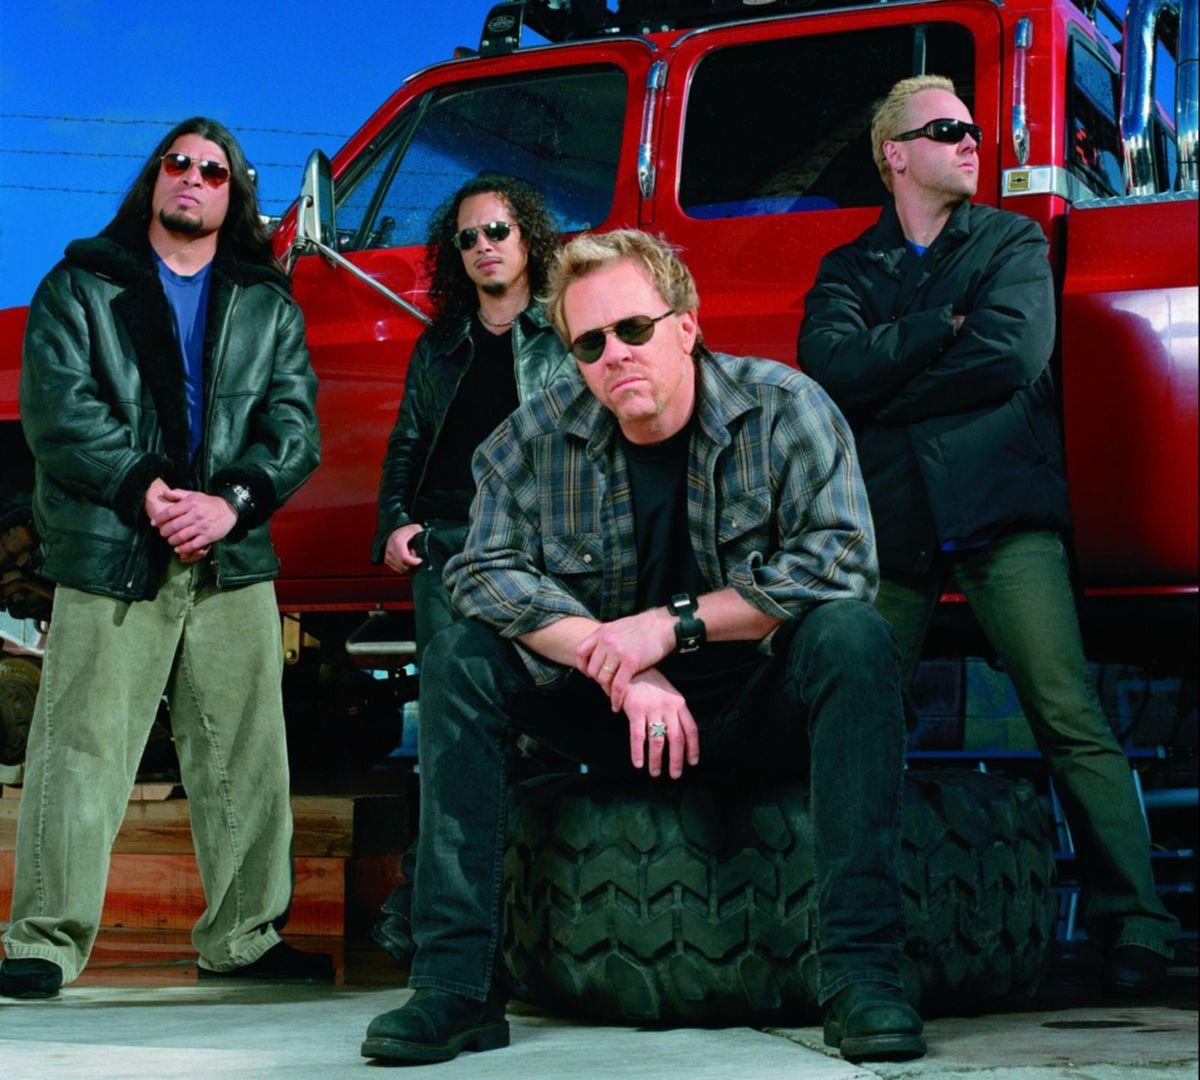 Metallica - St. Anger 2003 - CMS Source press